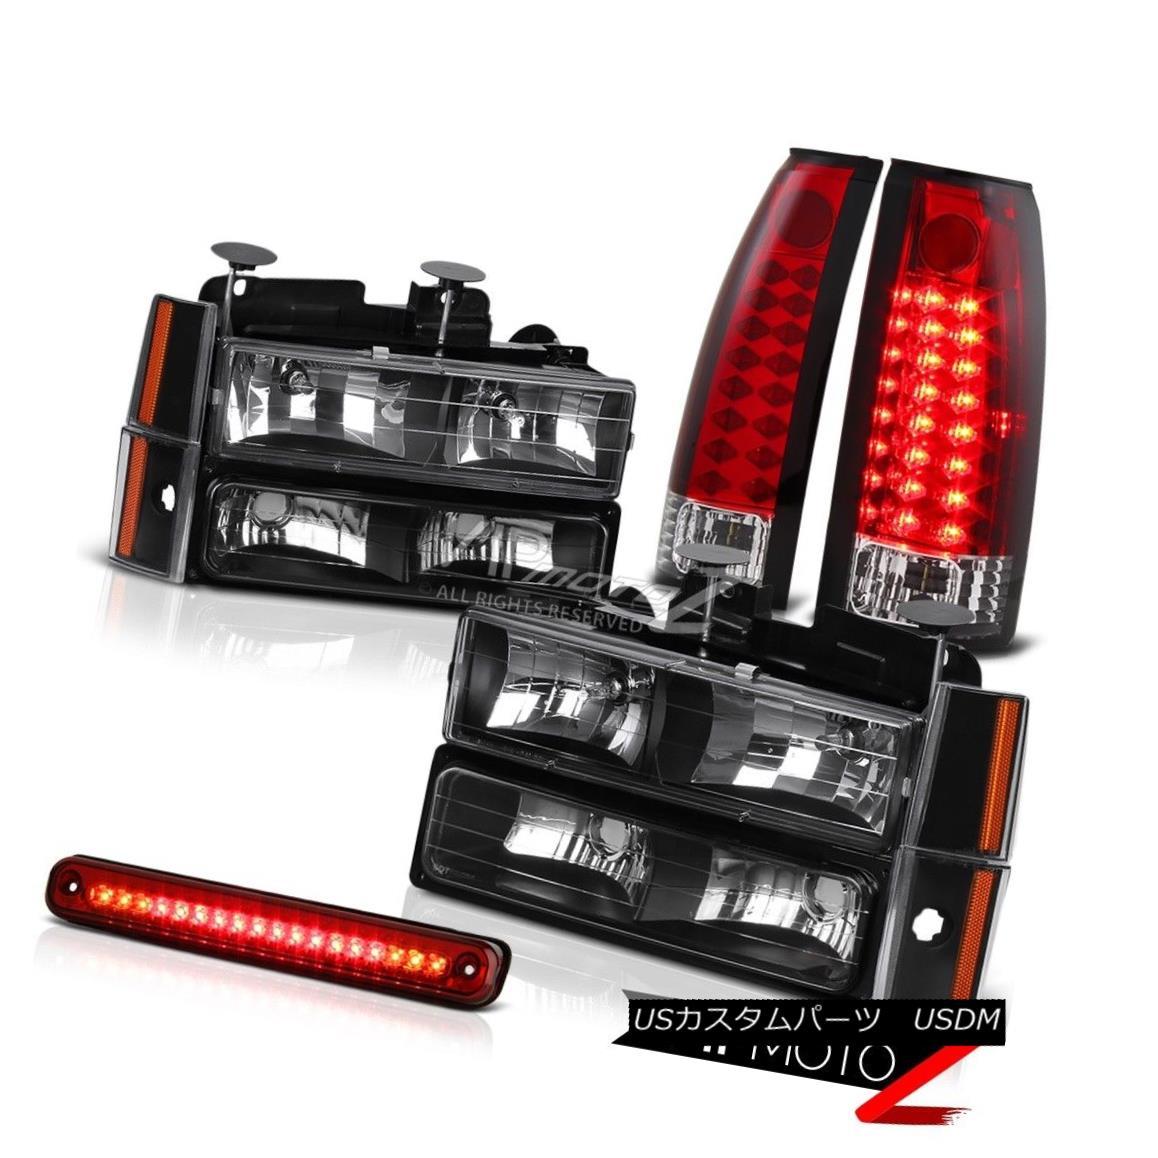 ヘッドライト Red L.E.D Third Brake Roof Cab Mount Tail Lights Black Complete Front Headlights レッドL.E.Dサードブレーキルーフキャブマウントテールライトブラックフロントライトヘッドライト